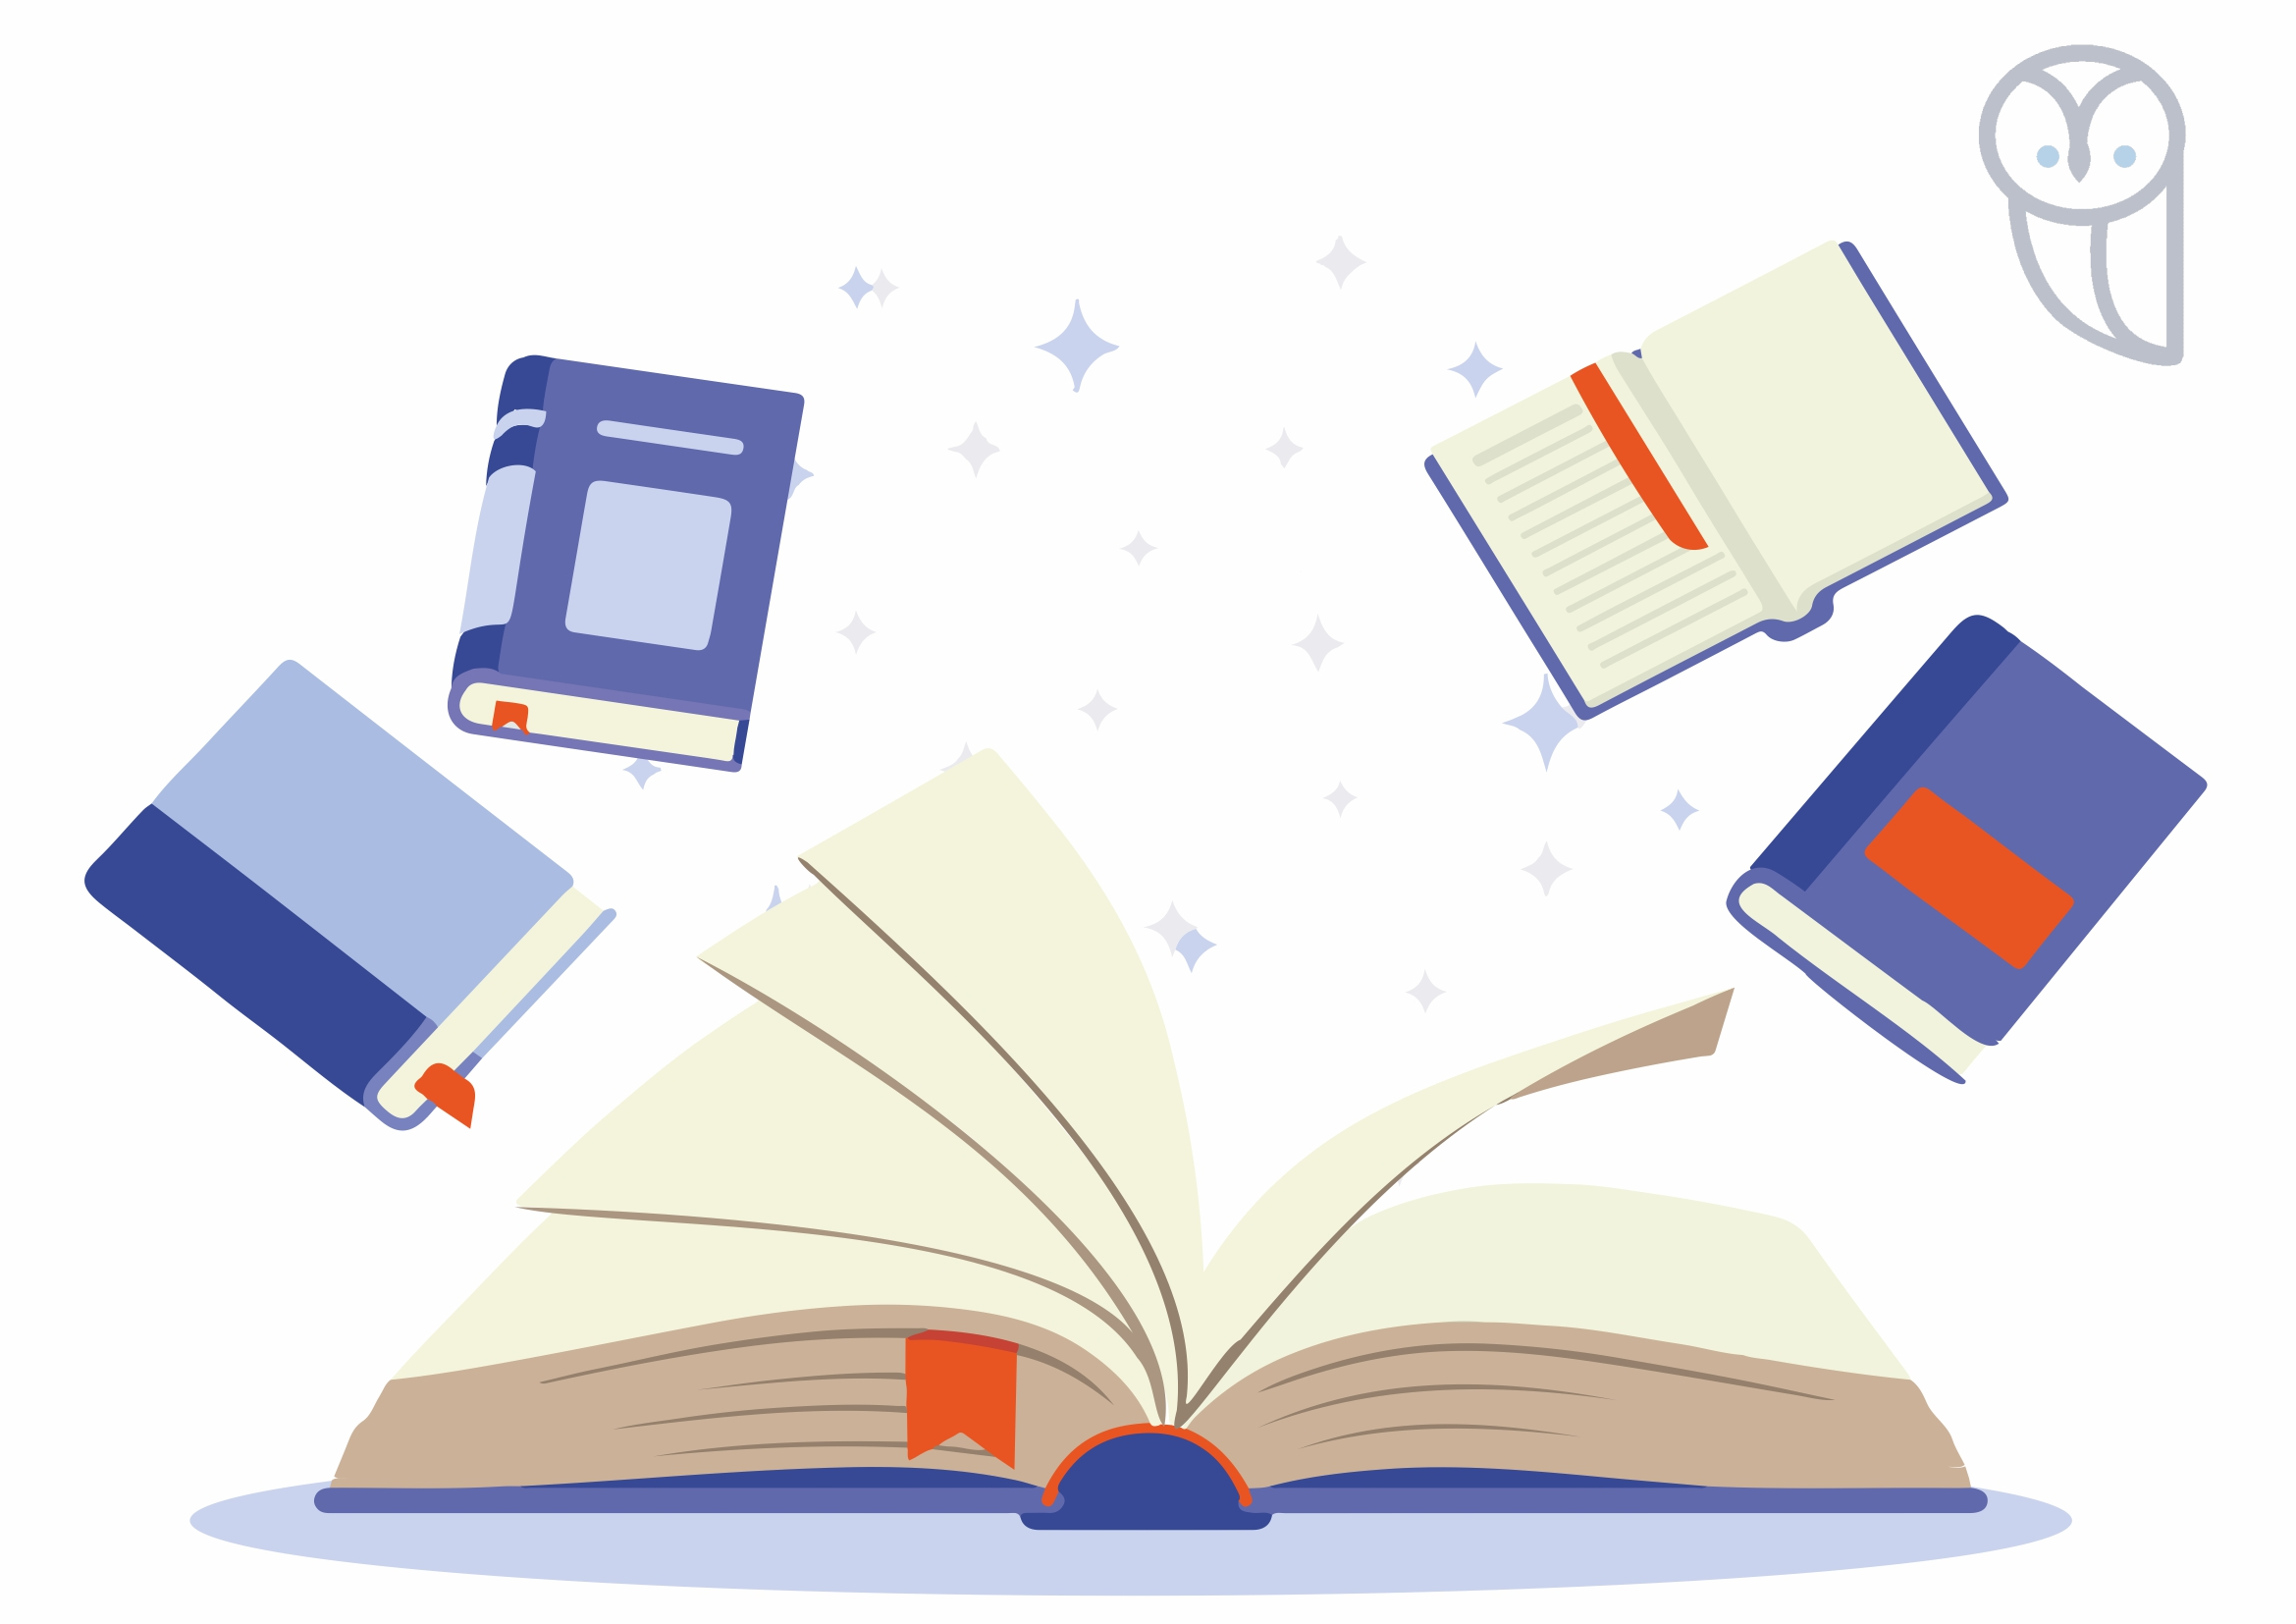 Научная артель, как издать книгу